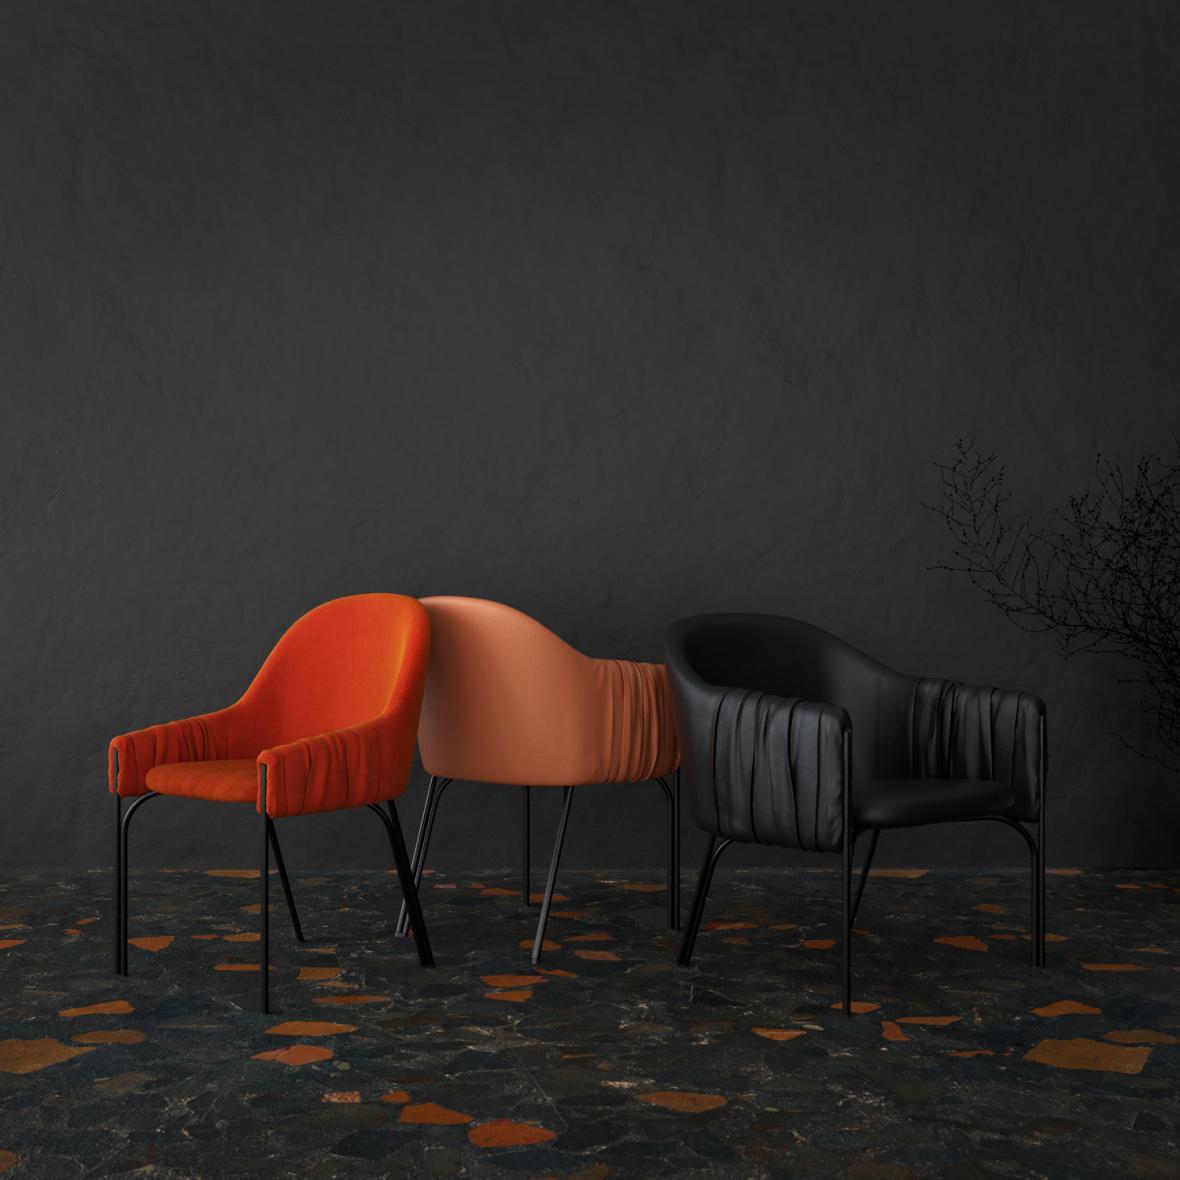 Kolekce sedacího nábytku Celine (Lucie Koldová)